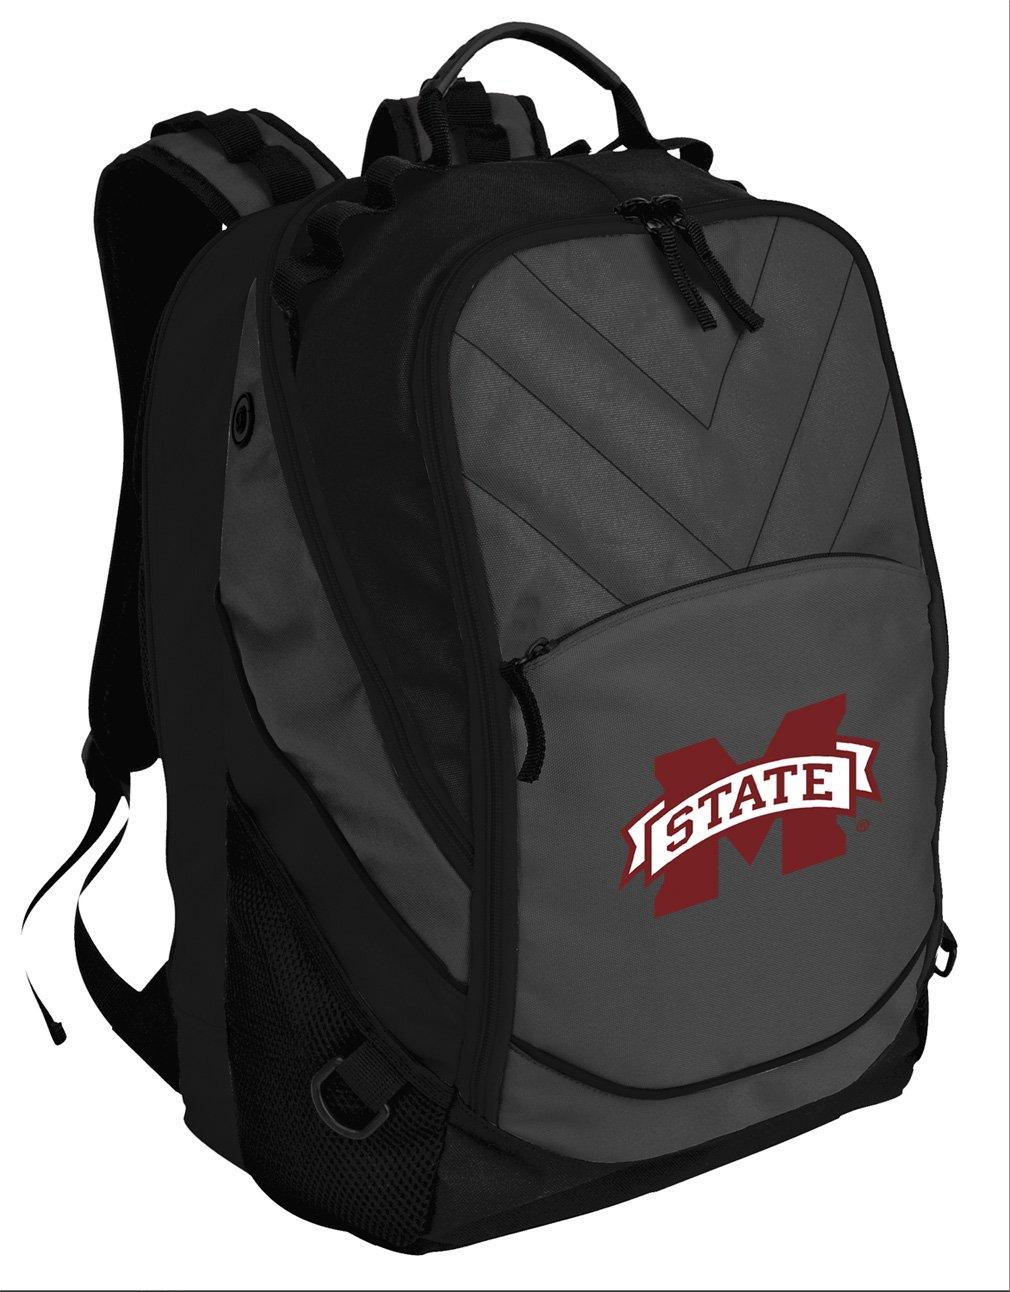 Broad Bay BEST Mississippi State University Backpack Laptop Computer Bag